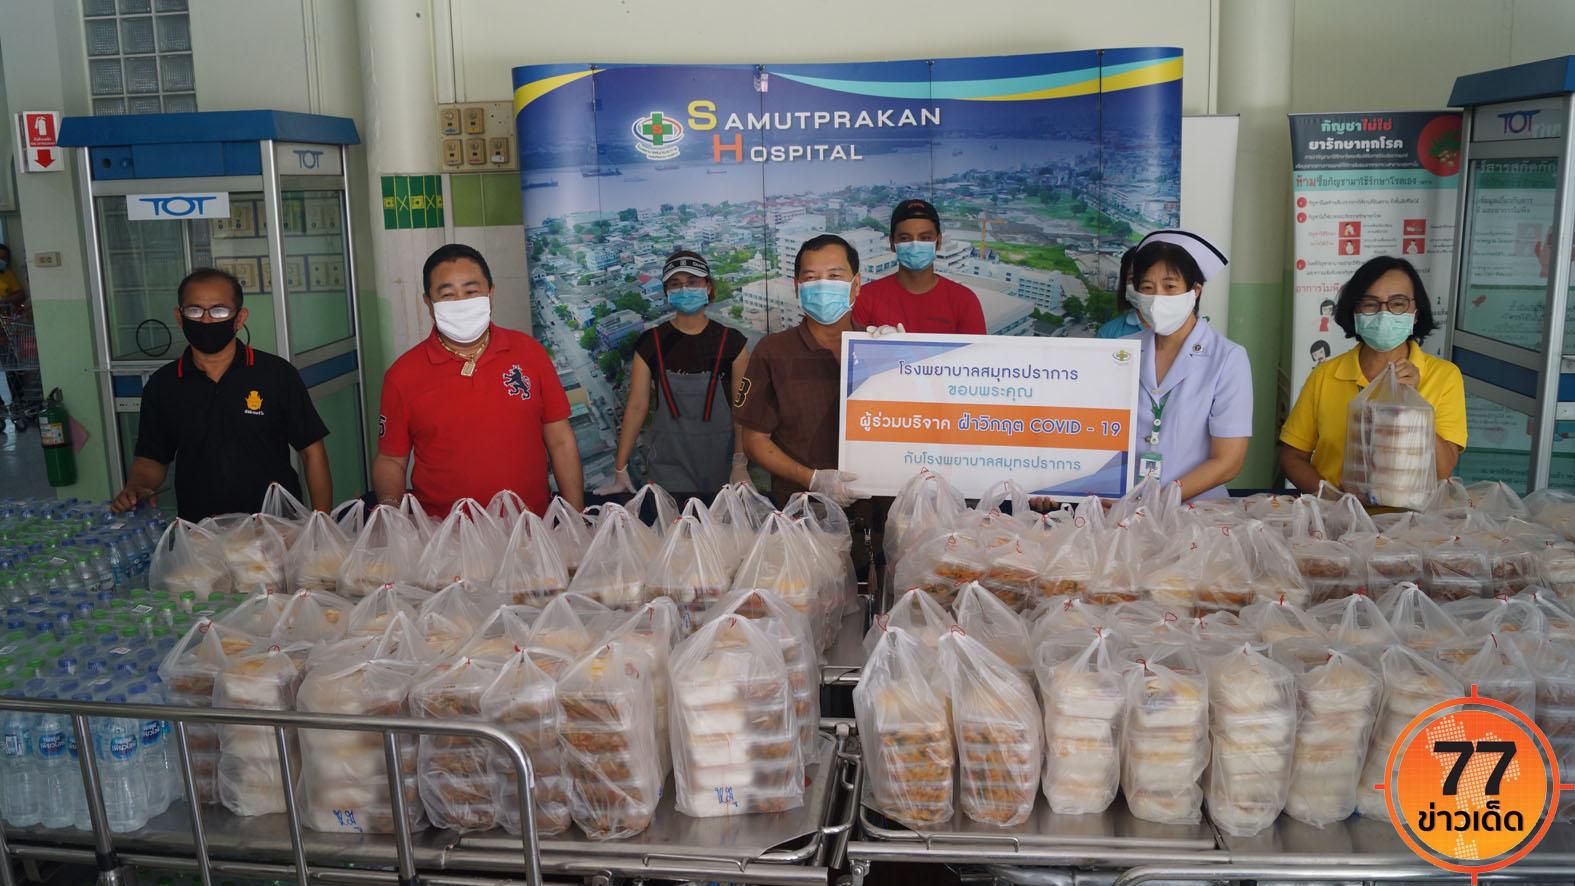 ร้านครัวบุญเลิศ มอบข้าว 700 กล่องให้บุคคลากรทางการแพทย์โรงพยาบาลสมุทรปราการ